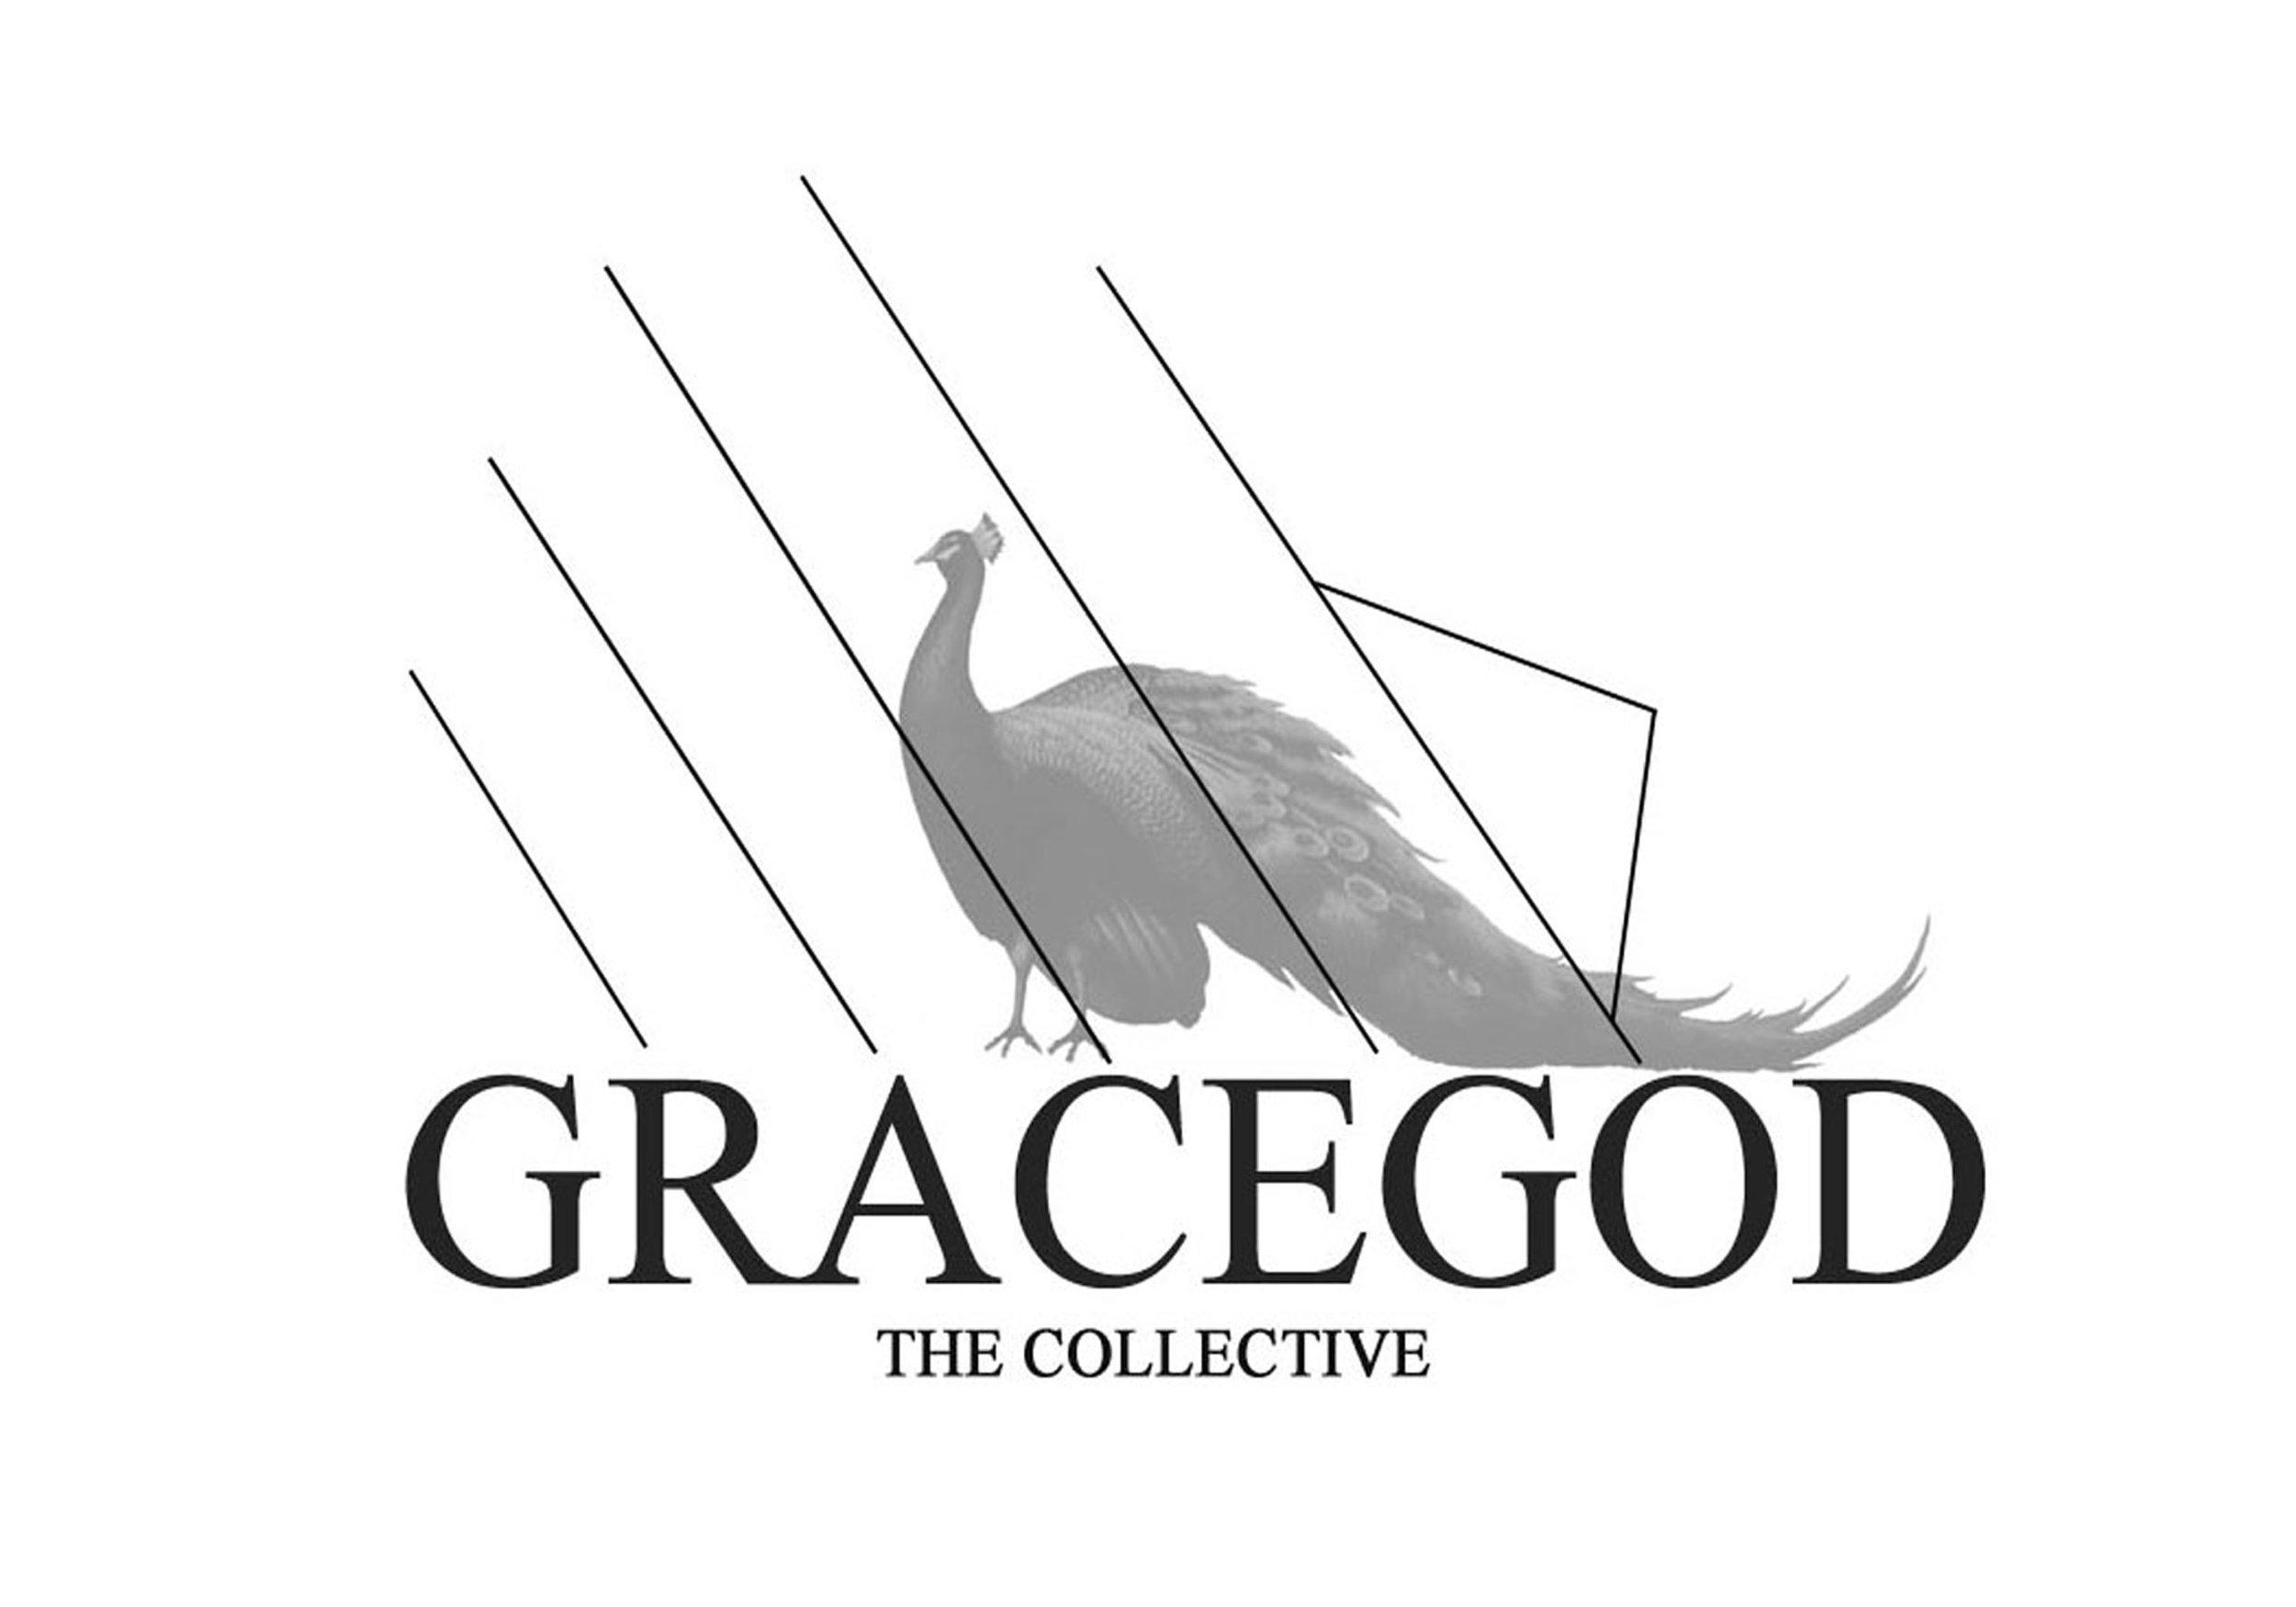 GRACEGOD collective 2.jpg